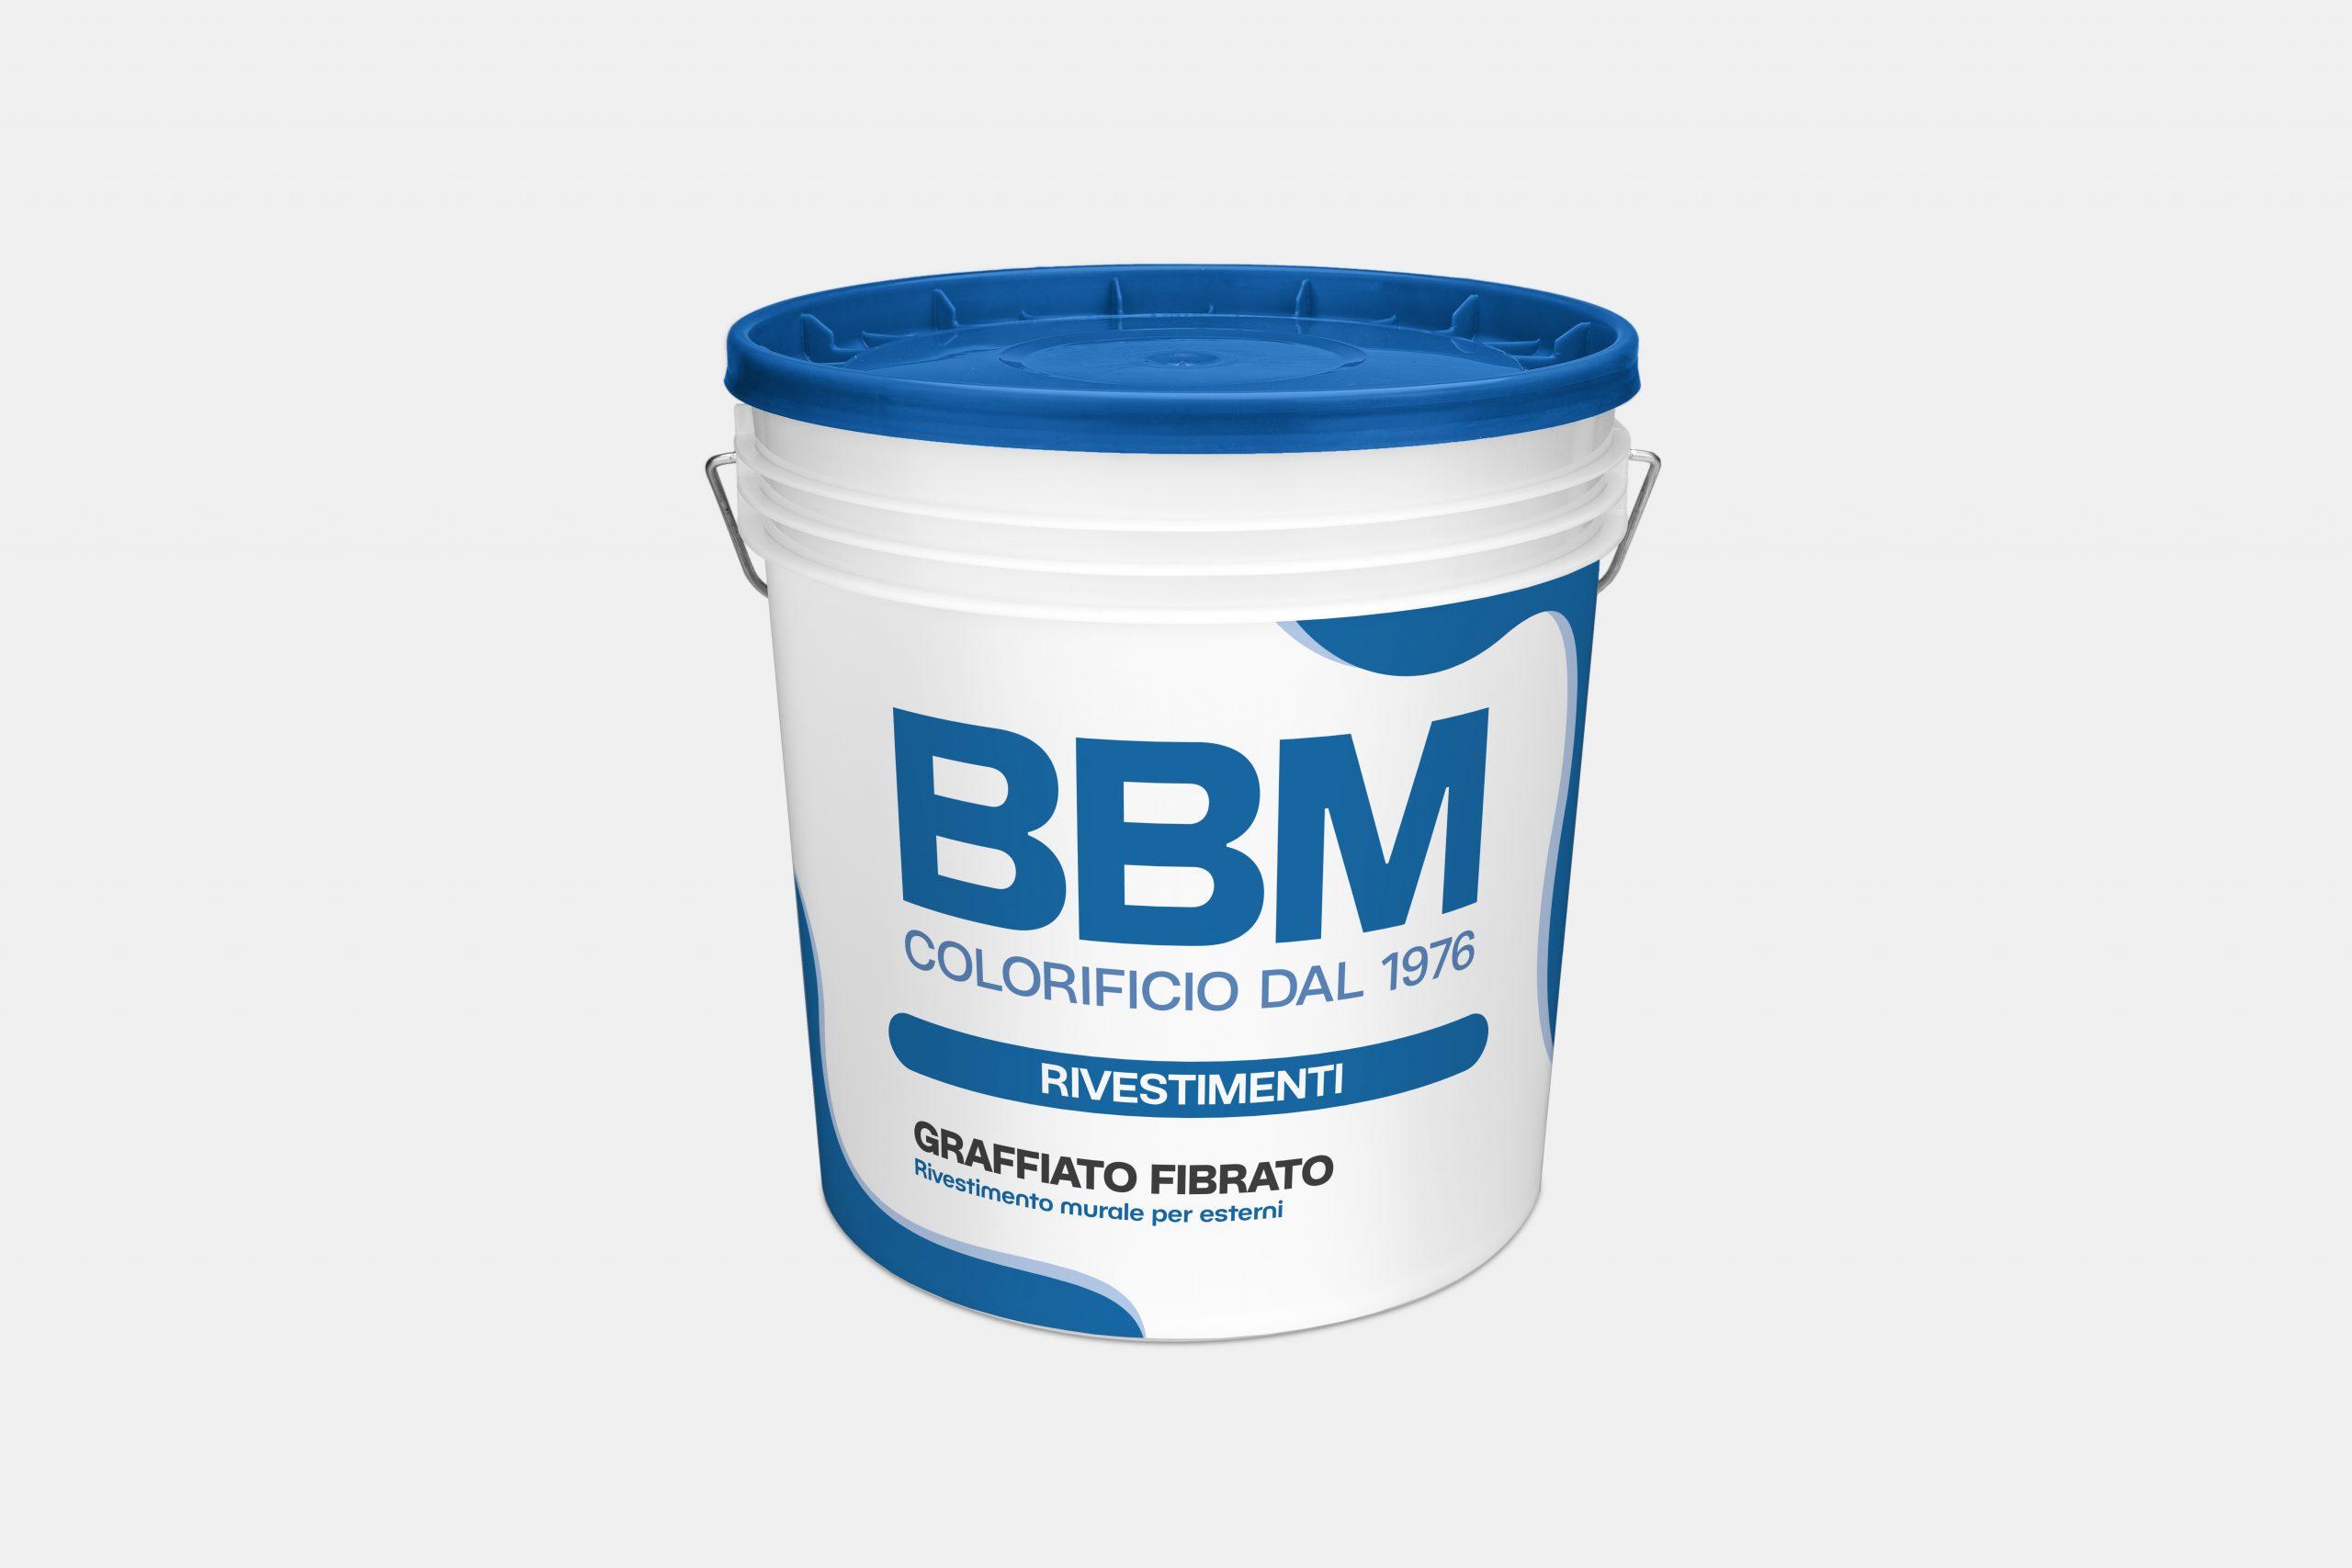 https://bbm-colorificio.it/wp-content/uploads/2021/05/Graffiato-Fibrato-scaled.jpg